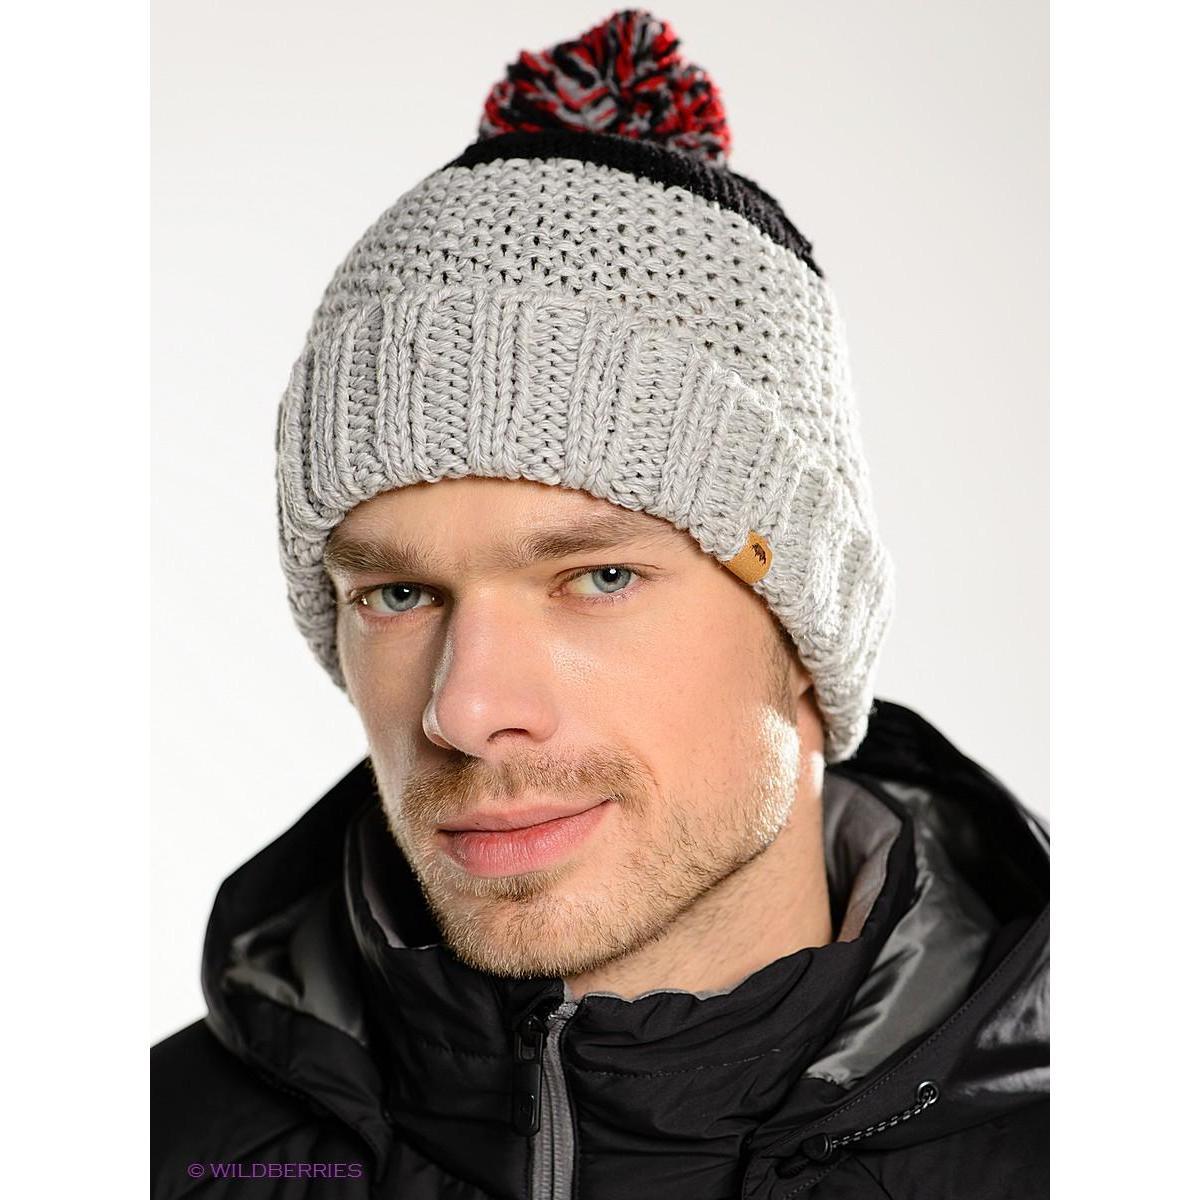 Вязание шапок. Бесплатные схемы вязания спицами шапок для 57